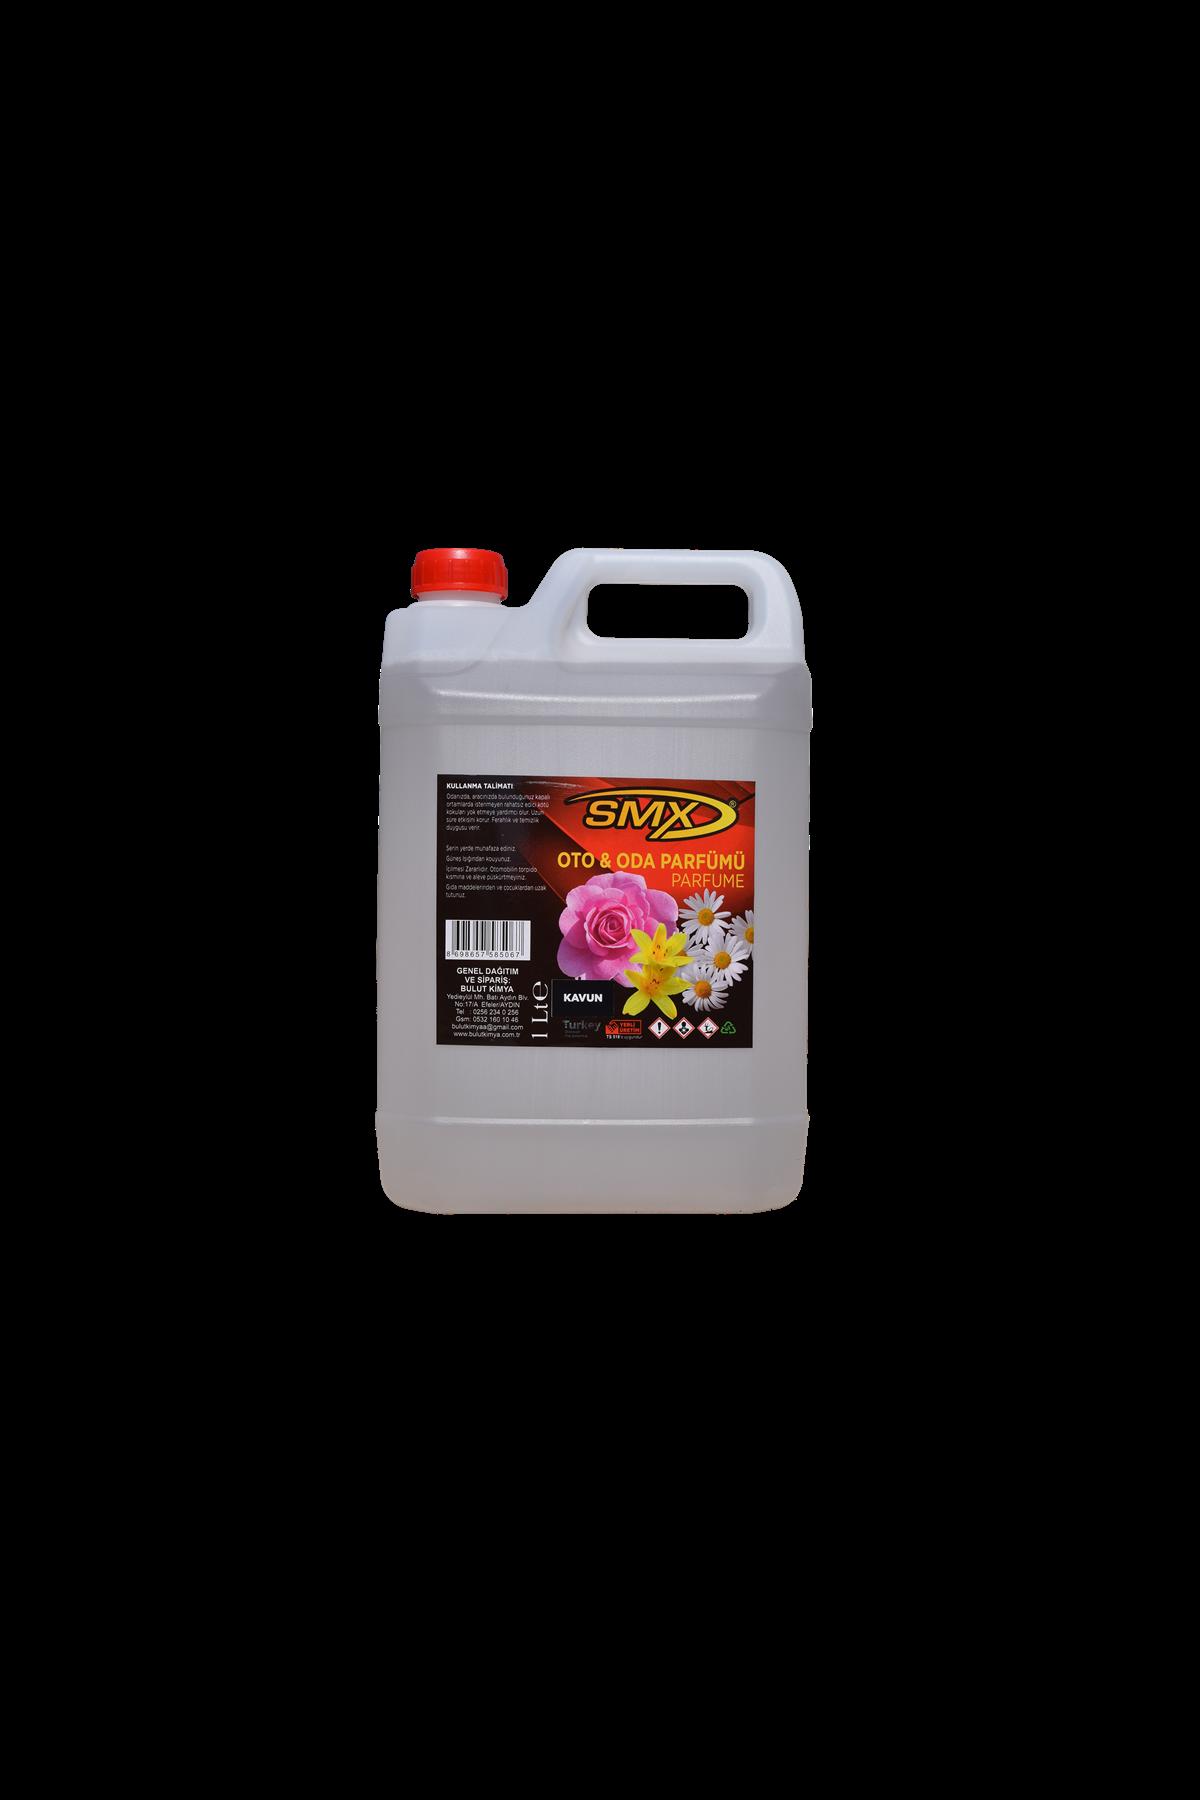 SMX Oto Parfümü / Oda Parfümü / Kavun Kokusu (5LT)